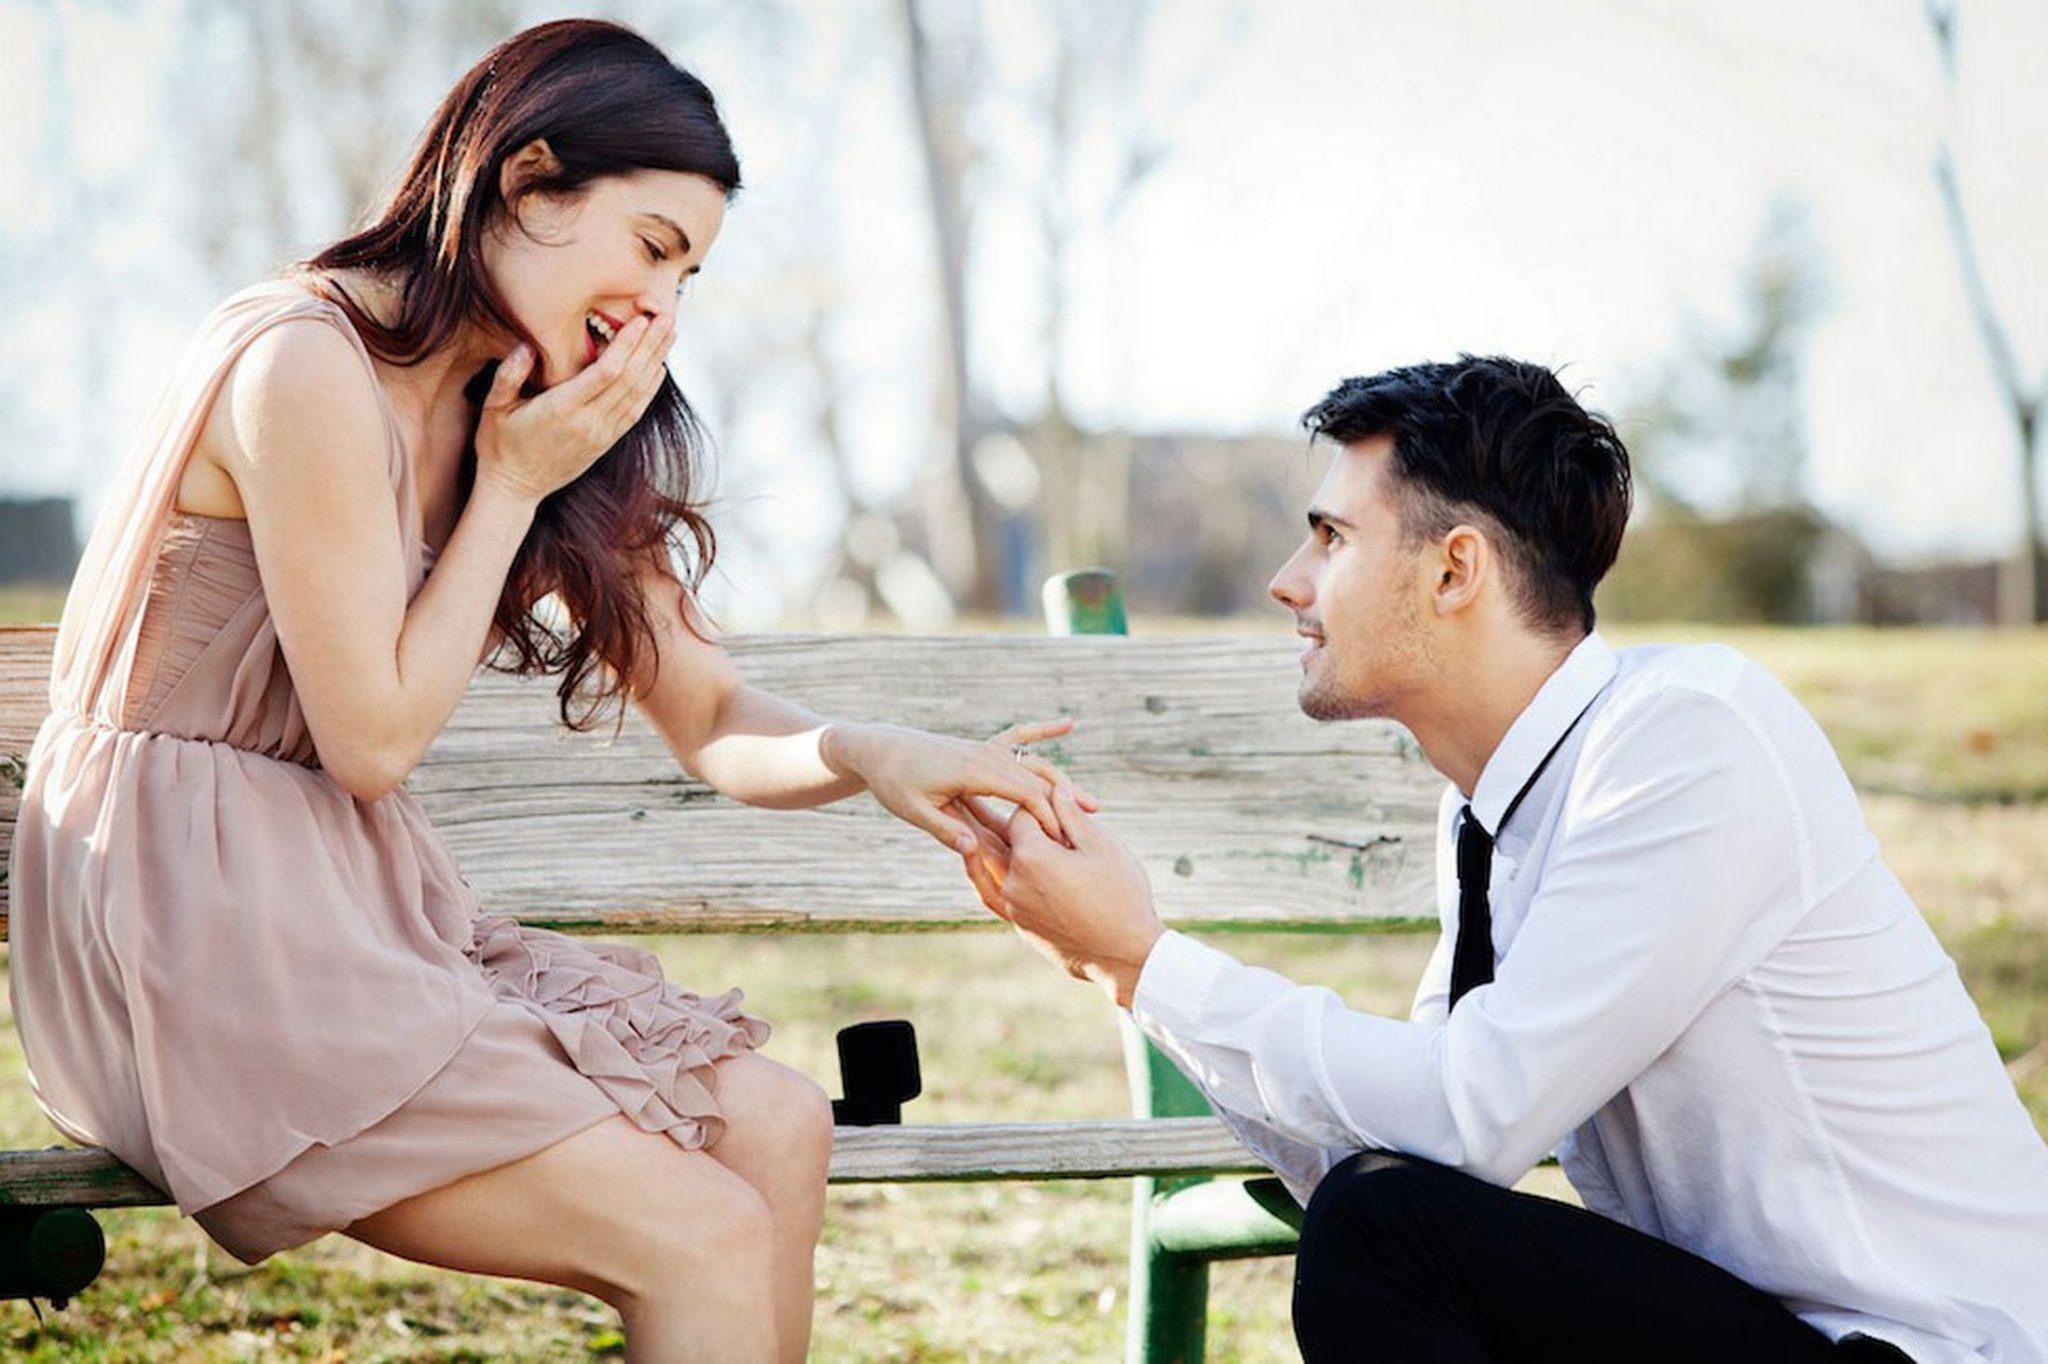 Hoe moet een vrouw flirten